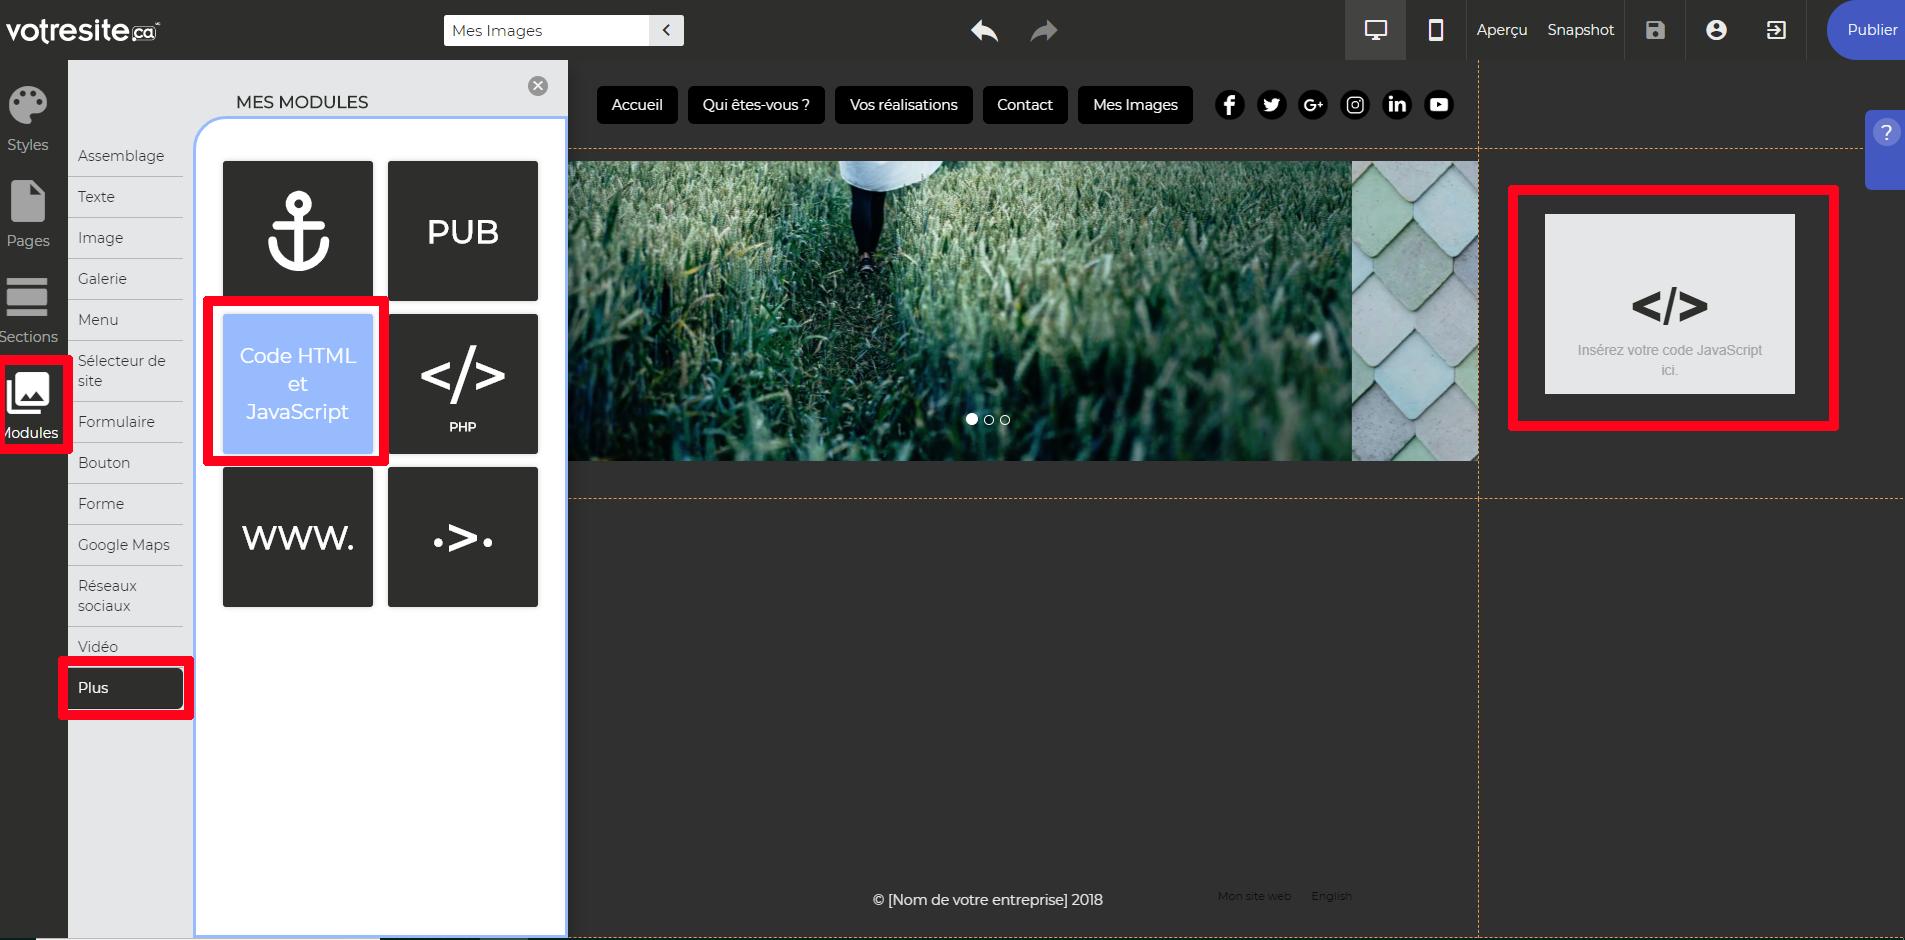 Ajouter module HTML outil création sites web votresite.ca